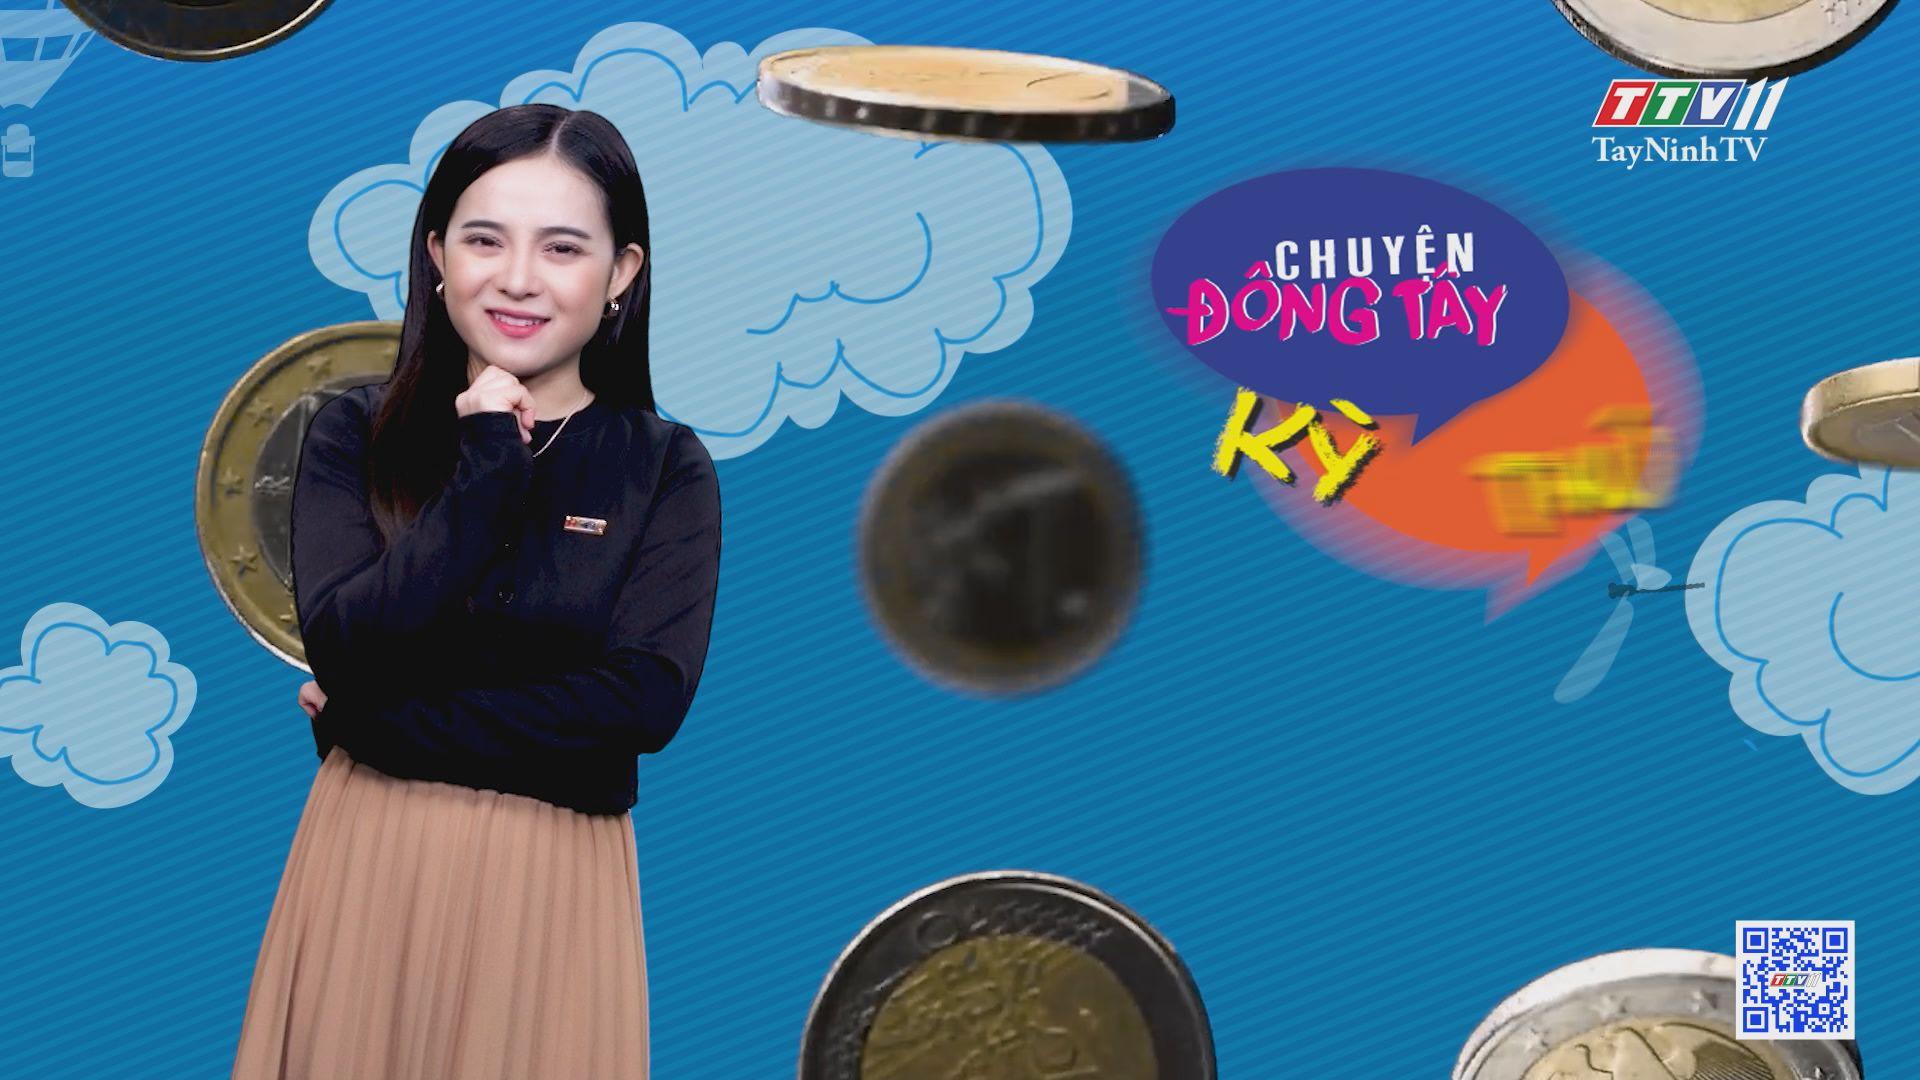 Đào được kho báu trị giá gần 5 tỷ đồng | CHUYỆN ĐÔNG TÂY KỲ THÚ | TayNinhTV